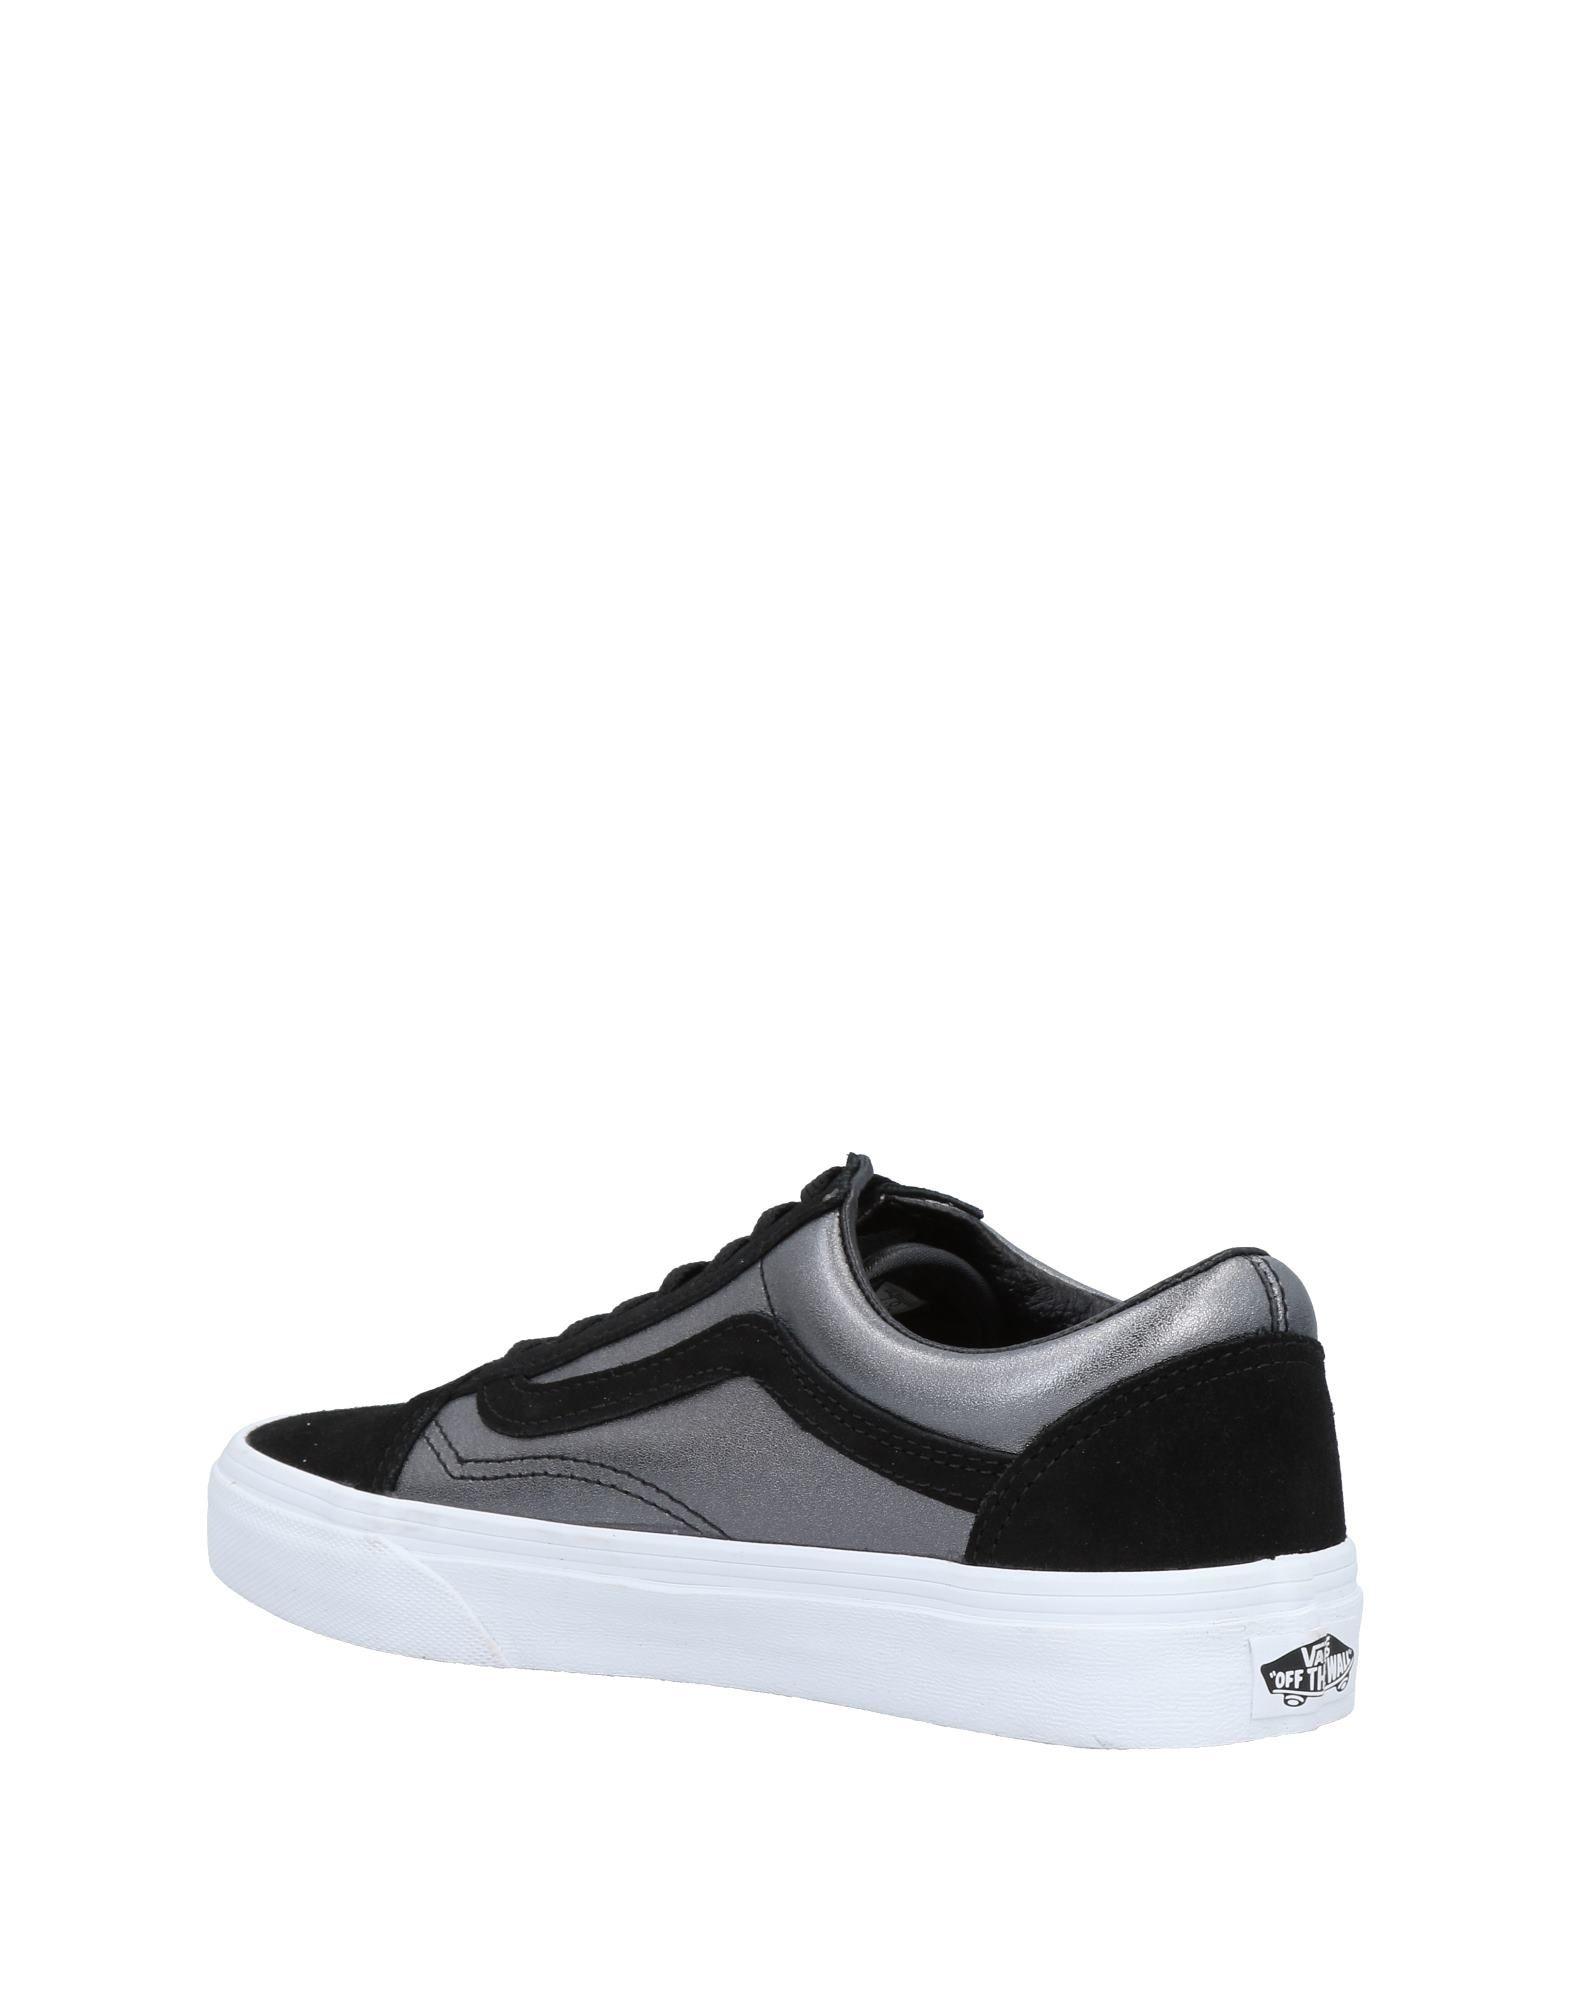 Vans Sneakers Sneakers Sneakers Damen Gutes Preis-Leistungs-Verhältnis, es lohnt sich d074f0